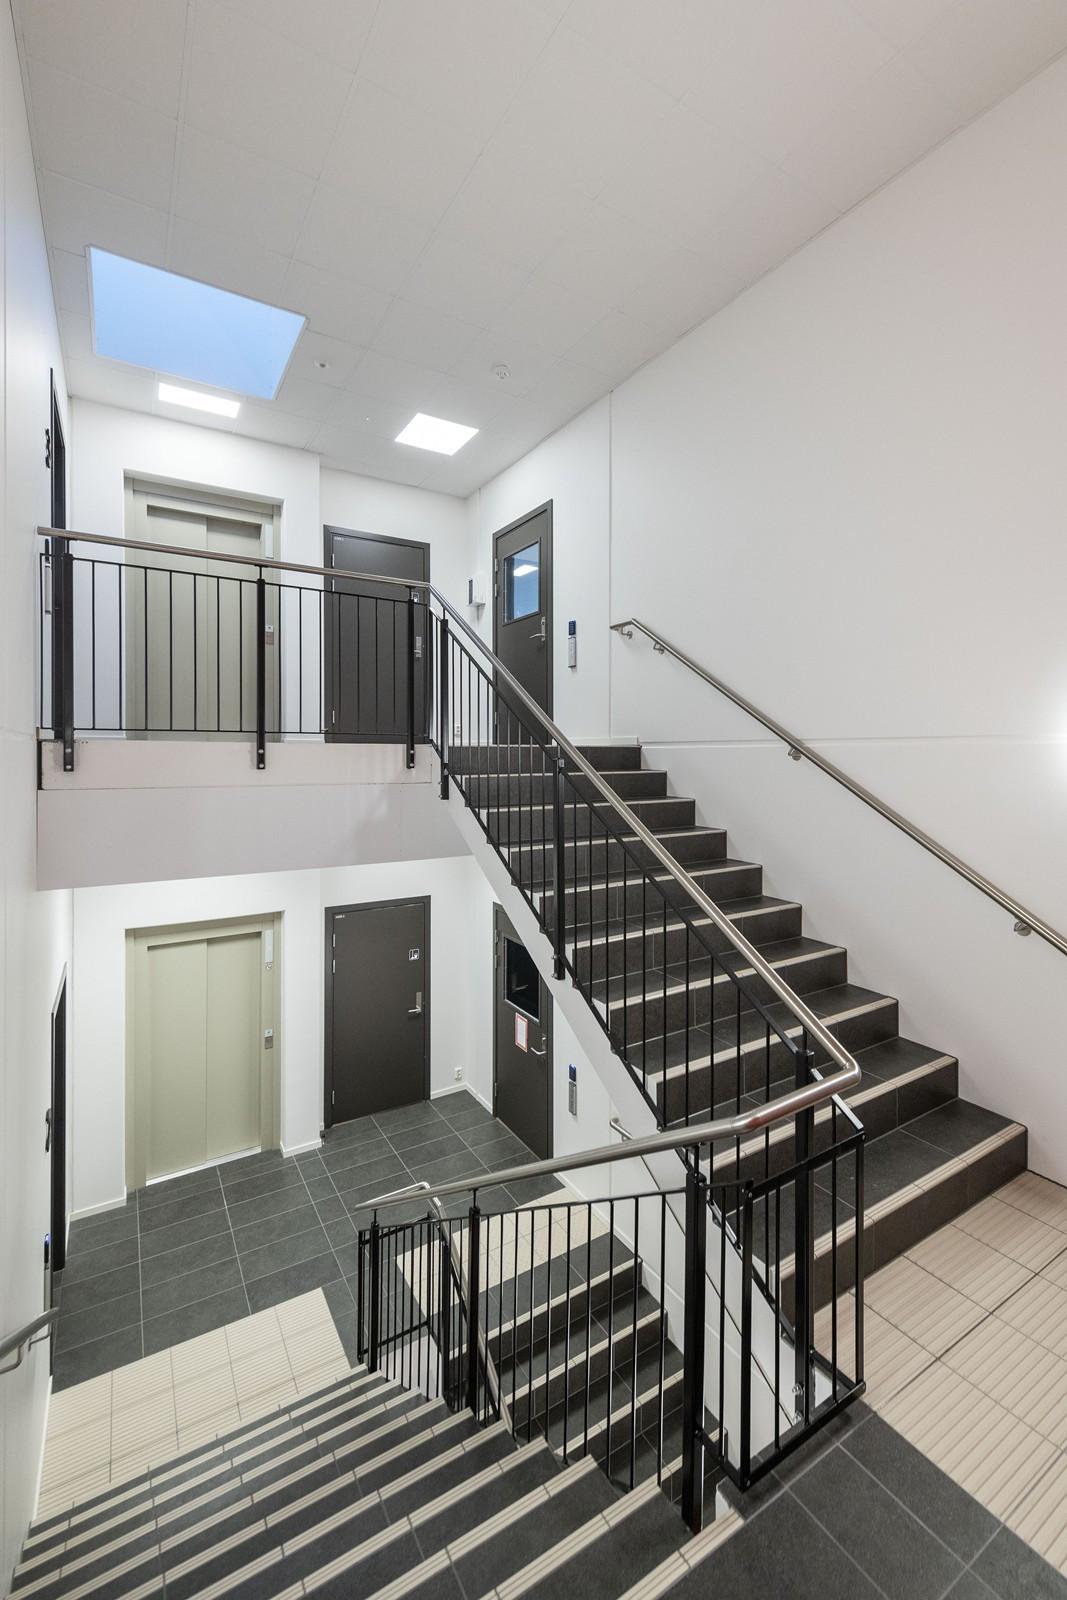 Trapp og heisadkomst til kontorer i 3. etasje